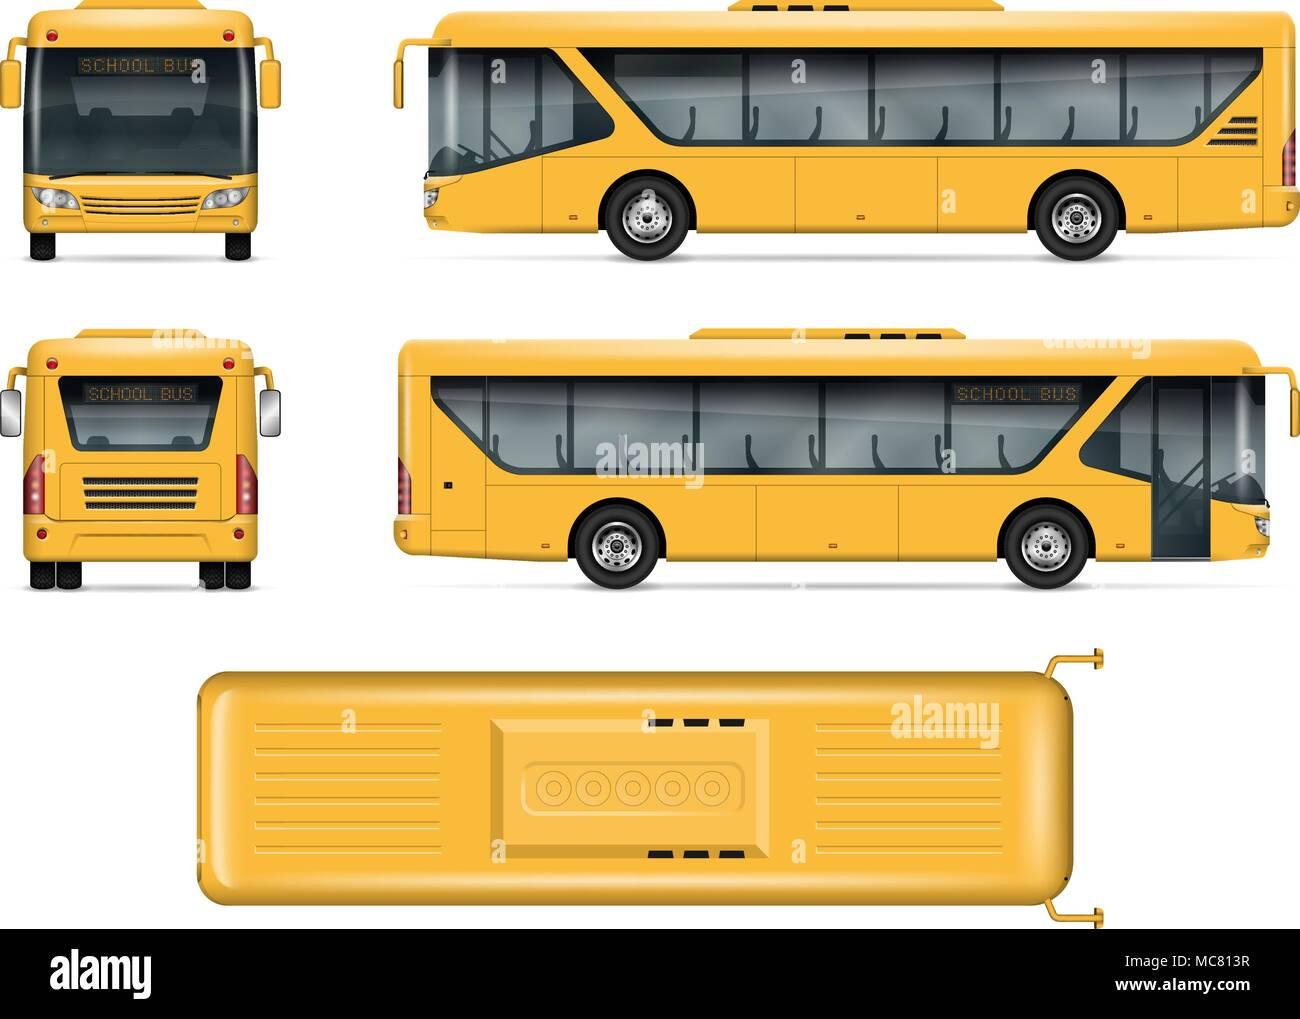 Top View Bus Mock Up Imágenes De Stock & Top View Bus Mock Up Fotos ...